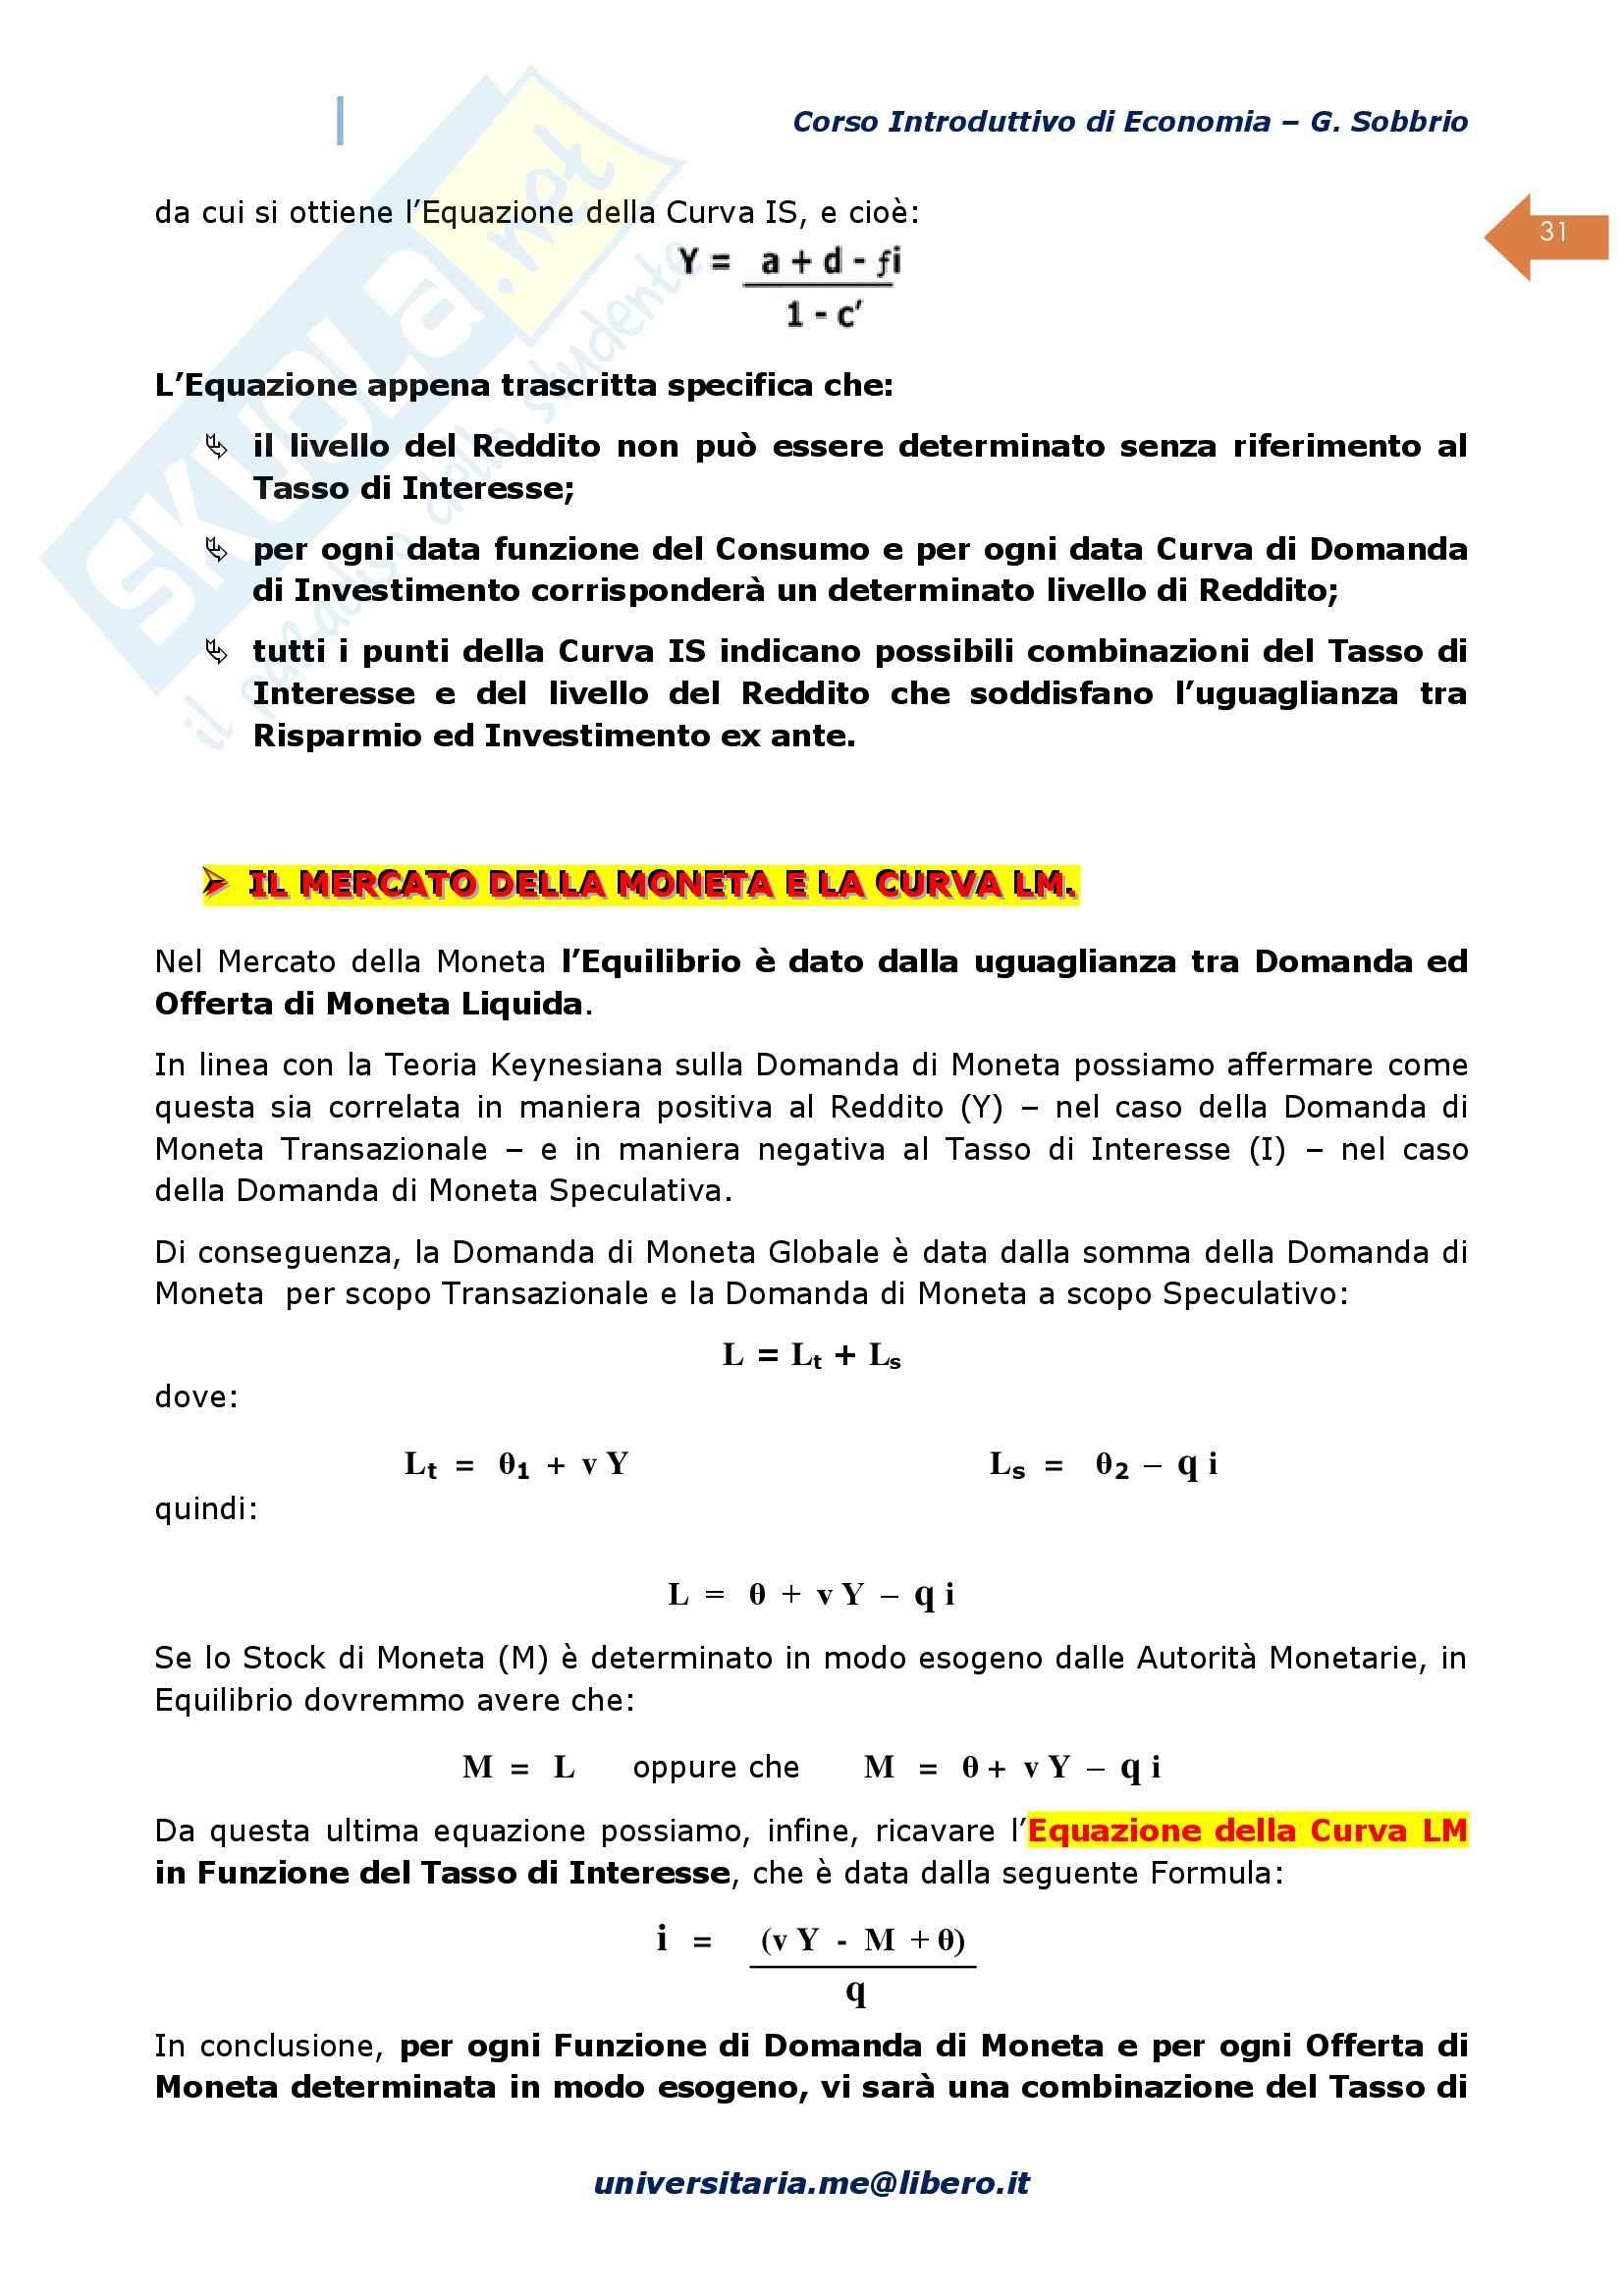 Economia Politica, Prof. Sobbrio, libro consigliato Corso introduttivo di economia - Macroeconomia Pag. 31